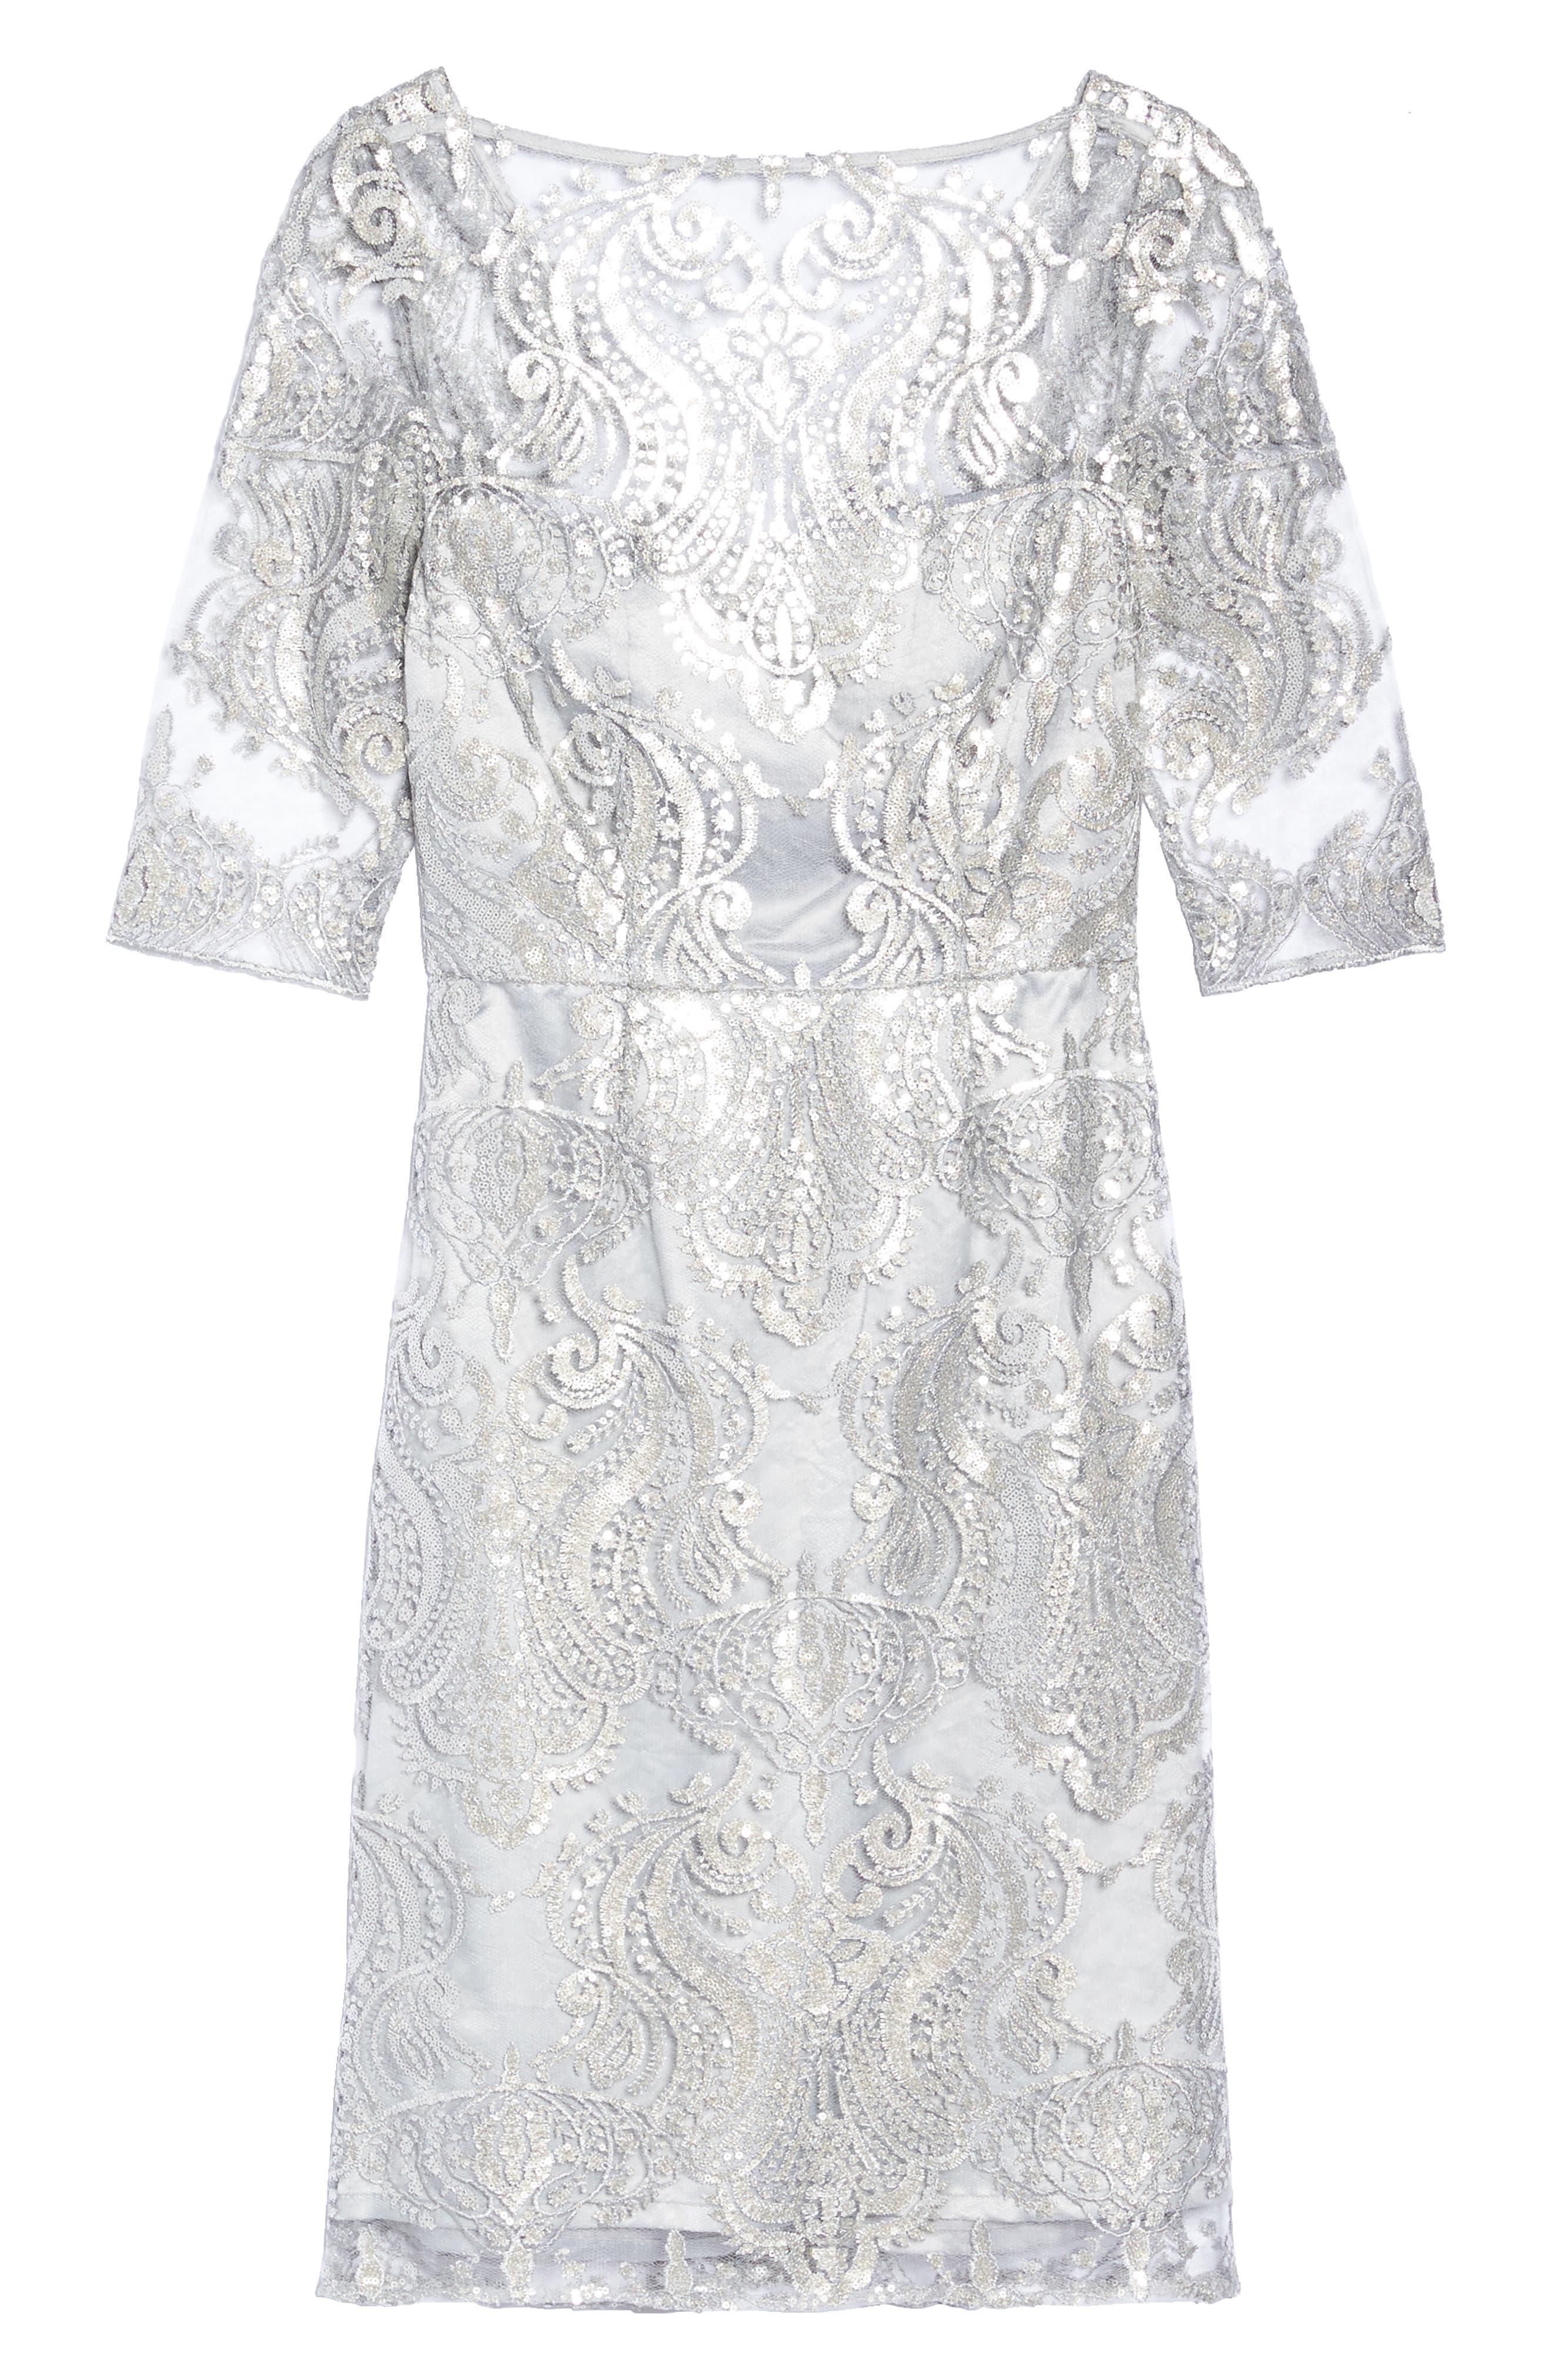 Sequin Illusion Sheath Dress,                         Main,                         color, Silver